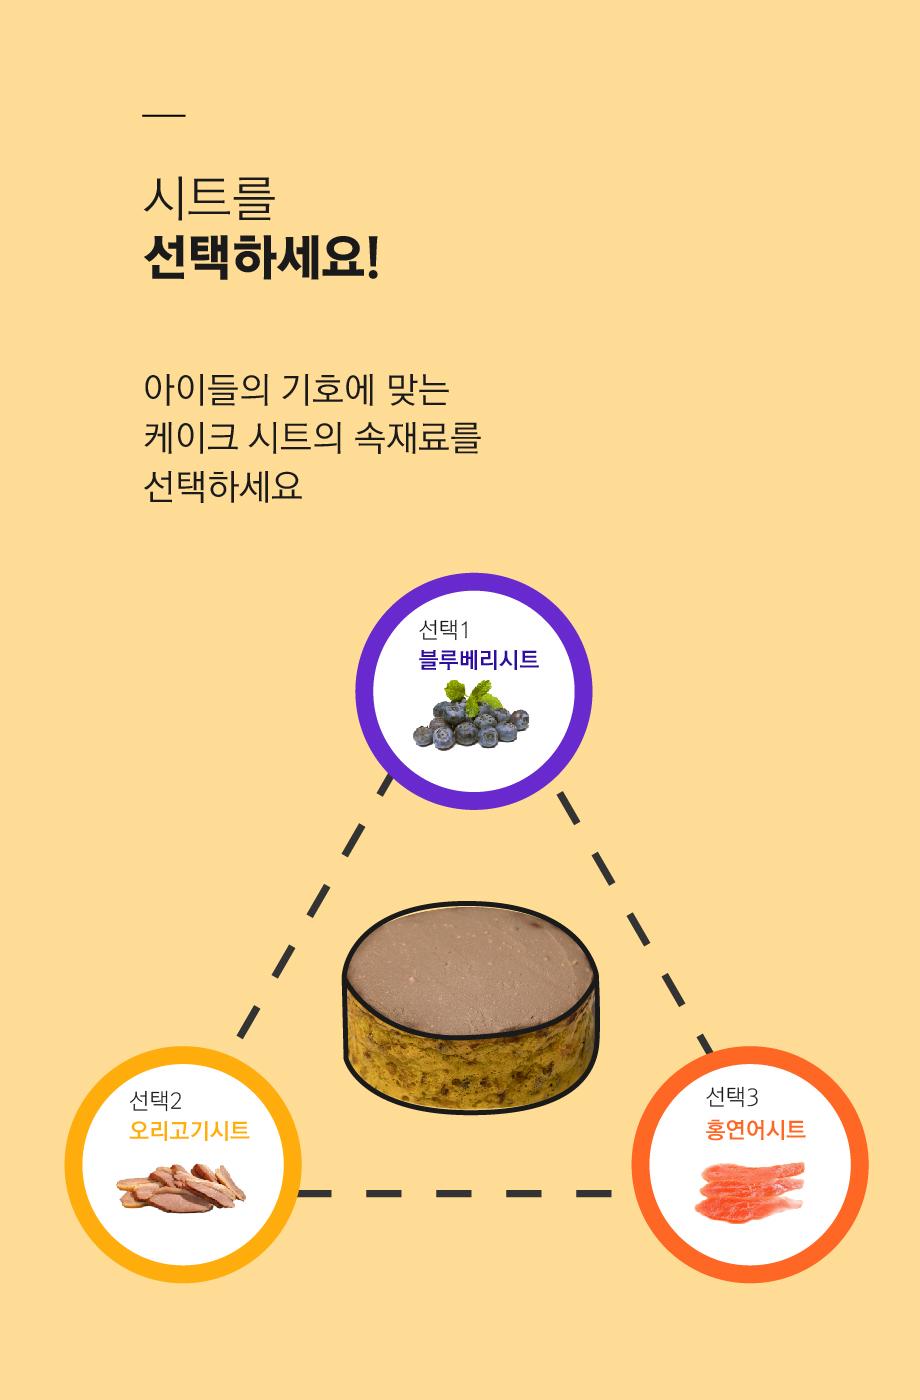 강아지 모양 케이크 웰시코기 SHAPE CAKE KIT - 메이키트, 16,900원, 간식/영양제, 수제간식